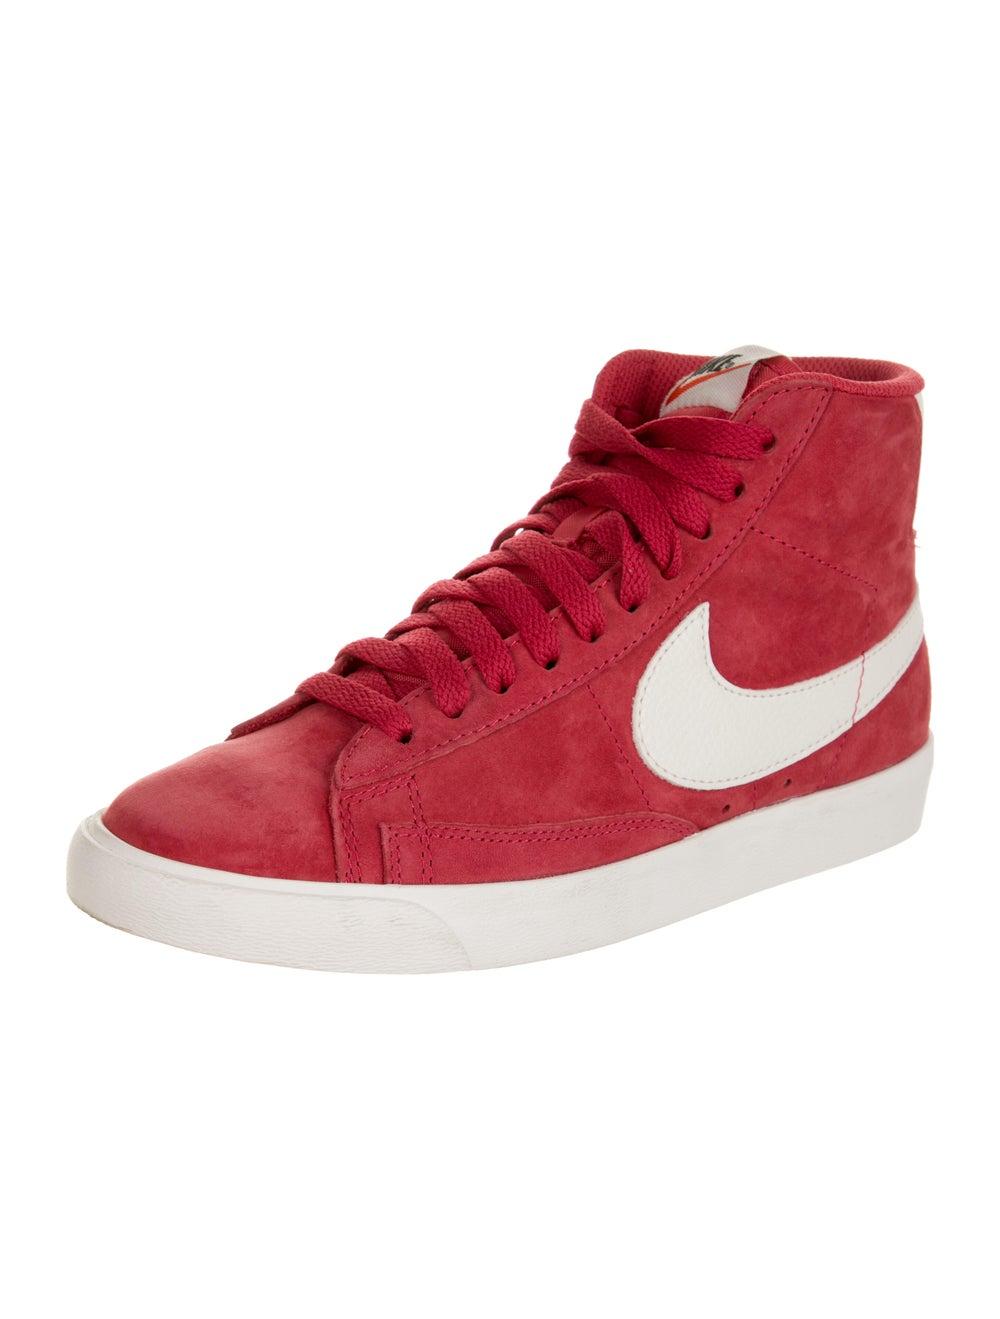 Nike Blazer Vintage Sneakers Pink - image 2